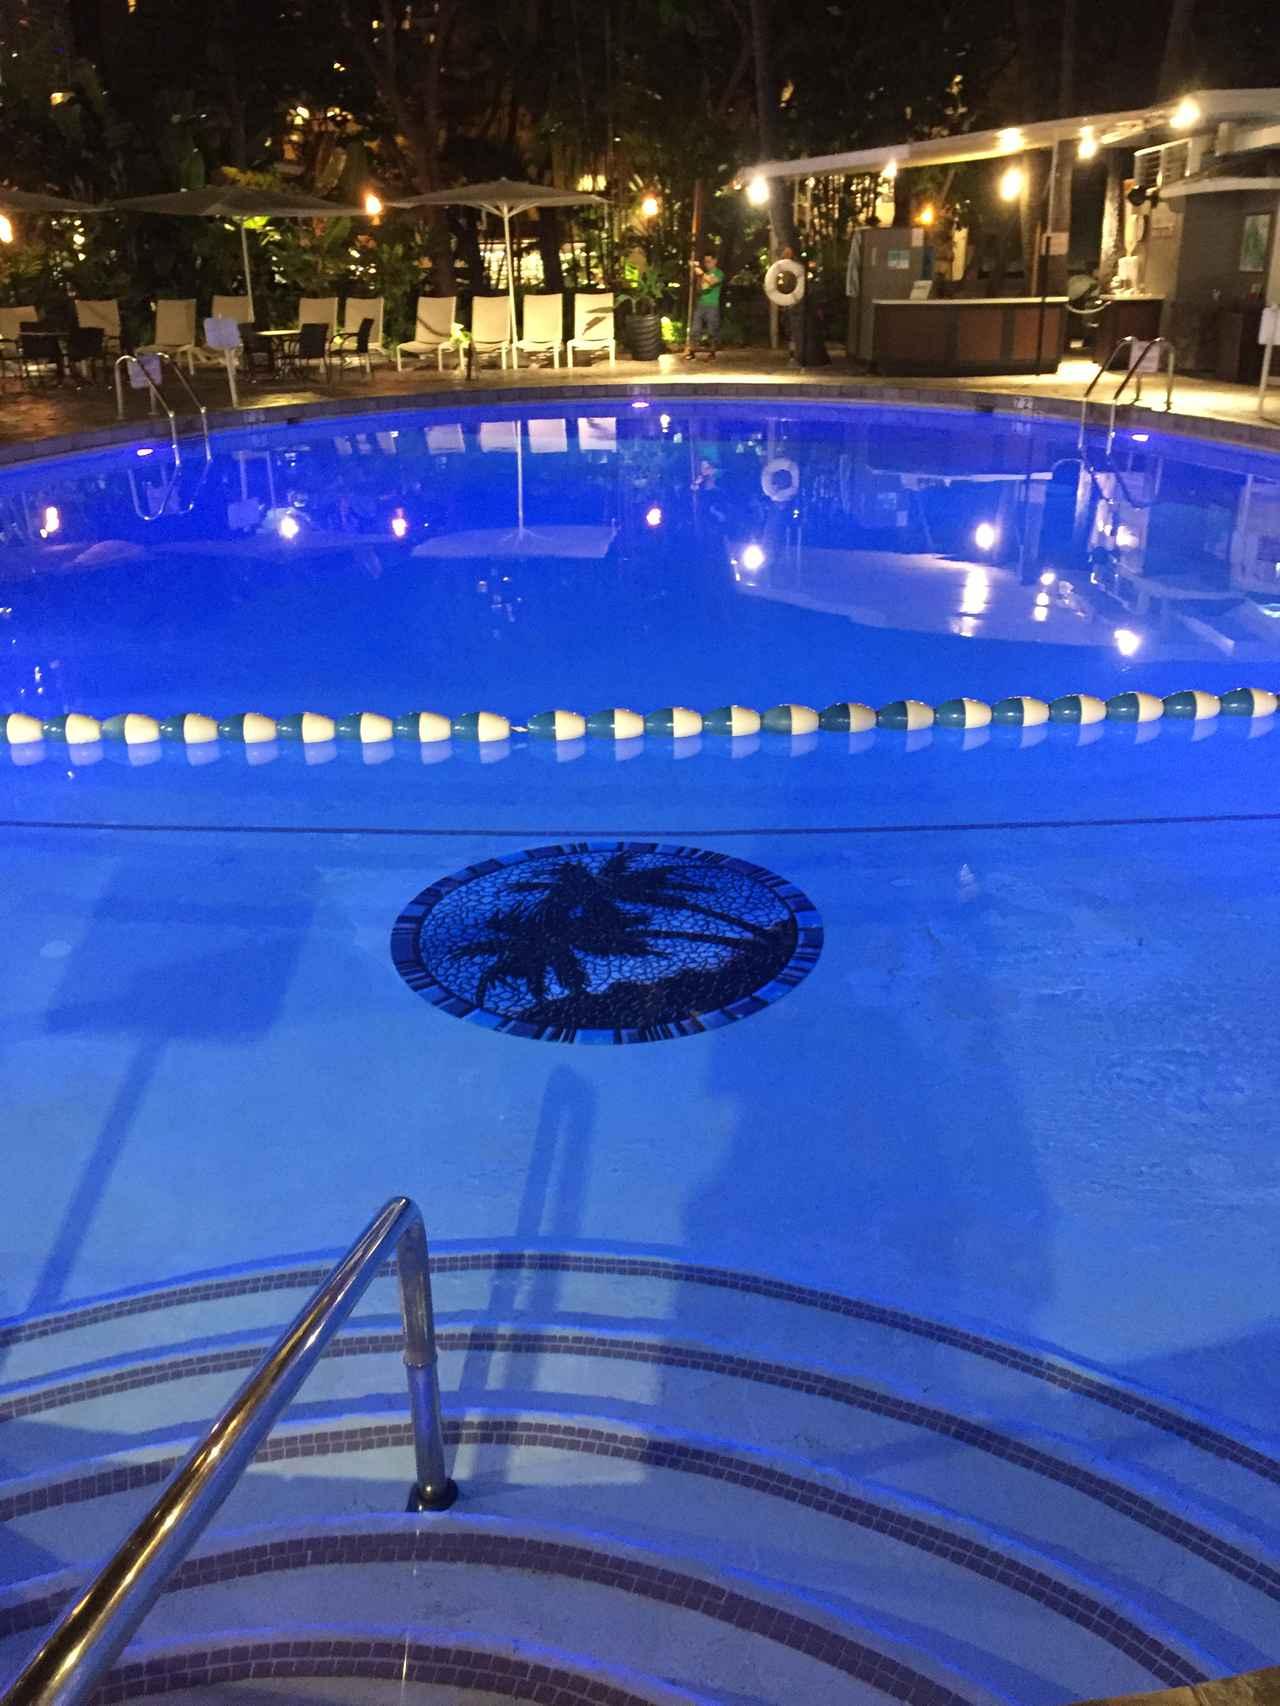 画像: シェラトン・プリンセス・カイウラニ・ホテルのライトアップされたプール プールを抜けると目の前はカラカウア通りです (撮影:YUKO)